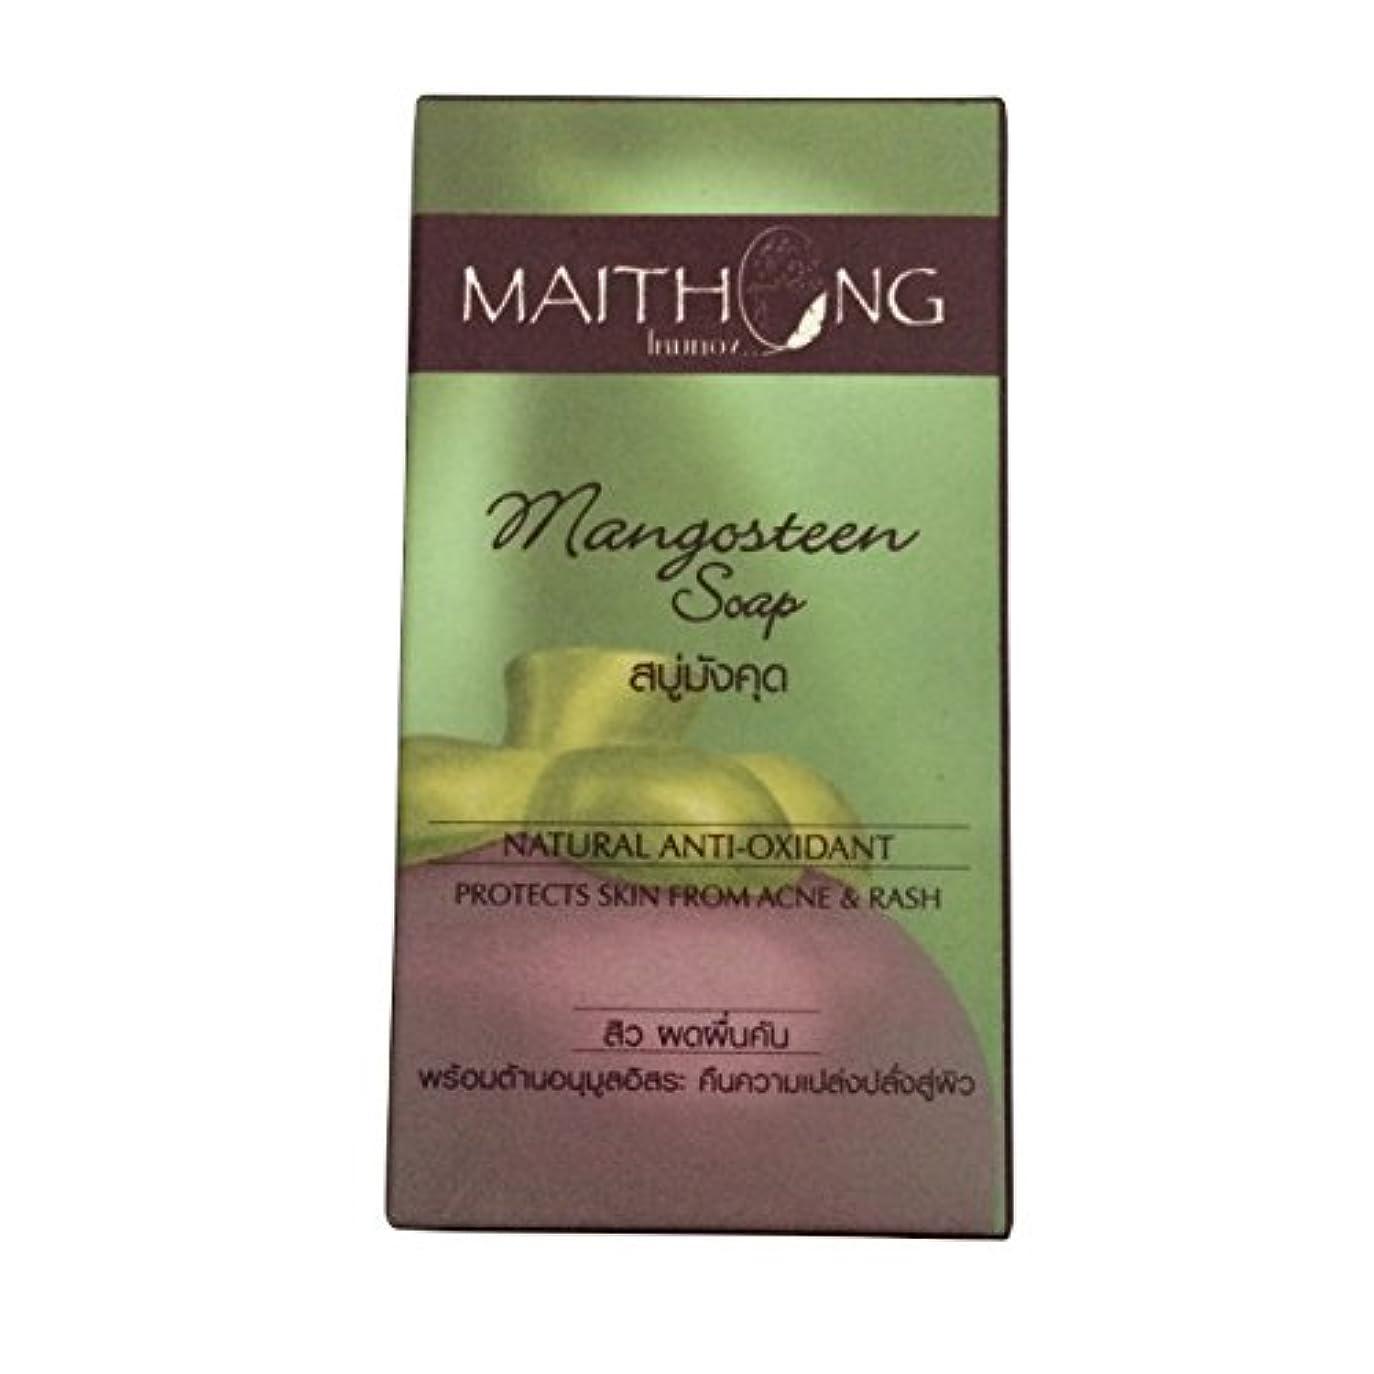 (マイトーン)MAITHONG マンゴスチン 石鹸 ソープ